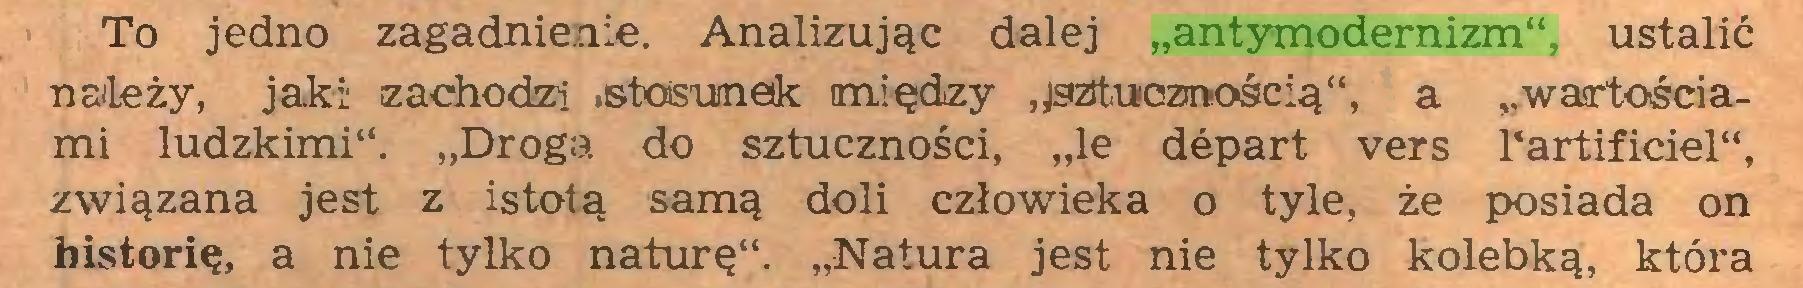 """(...) To jedno zagadnienie. Analizując dalej """"antymodernizm"""", ustalić natęży, jaki zachodzi .stosunek między ^sztucznością"""", a """"wartościami ludzkimi"""". """"Droga do sztuczności, """"le depart vers l'artificiel"""", związana jest z istotą samą doli człowieka o tyle, że posiada on historię, a nie tylko naturę"""". """"Natura jest nie tylko kolebką, która..."""